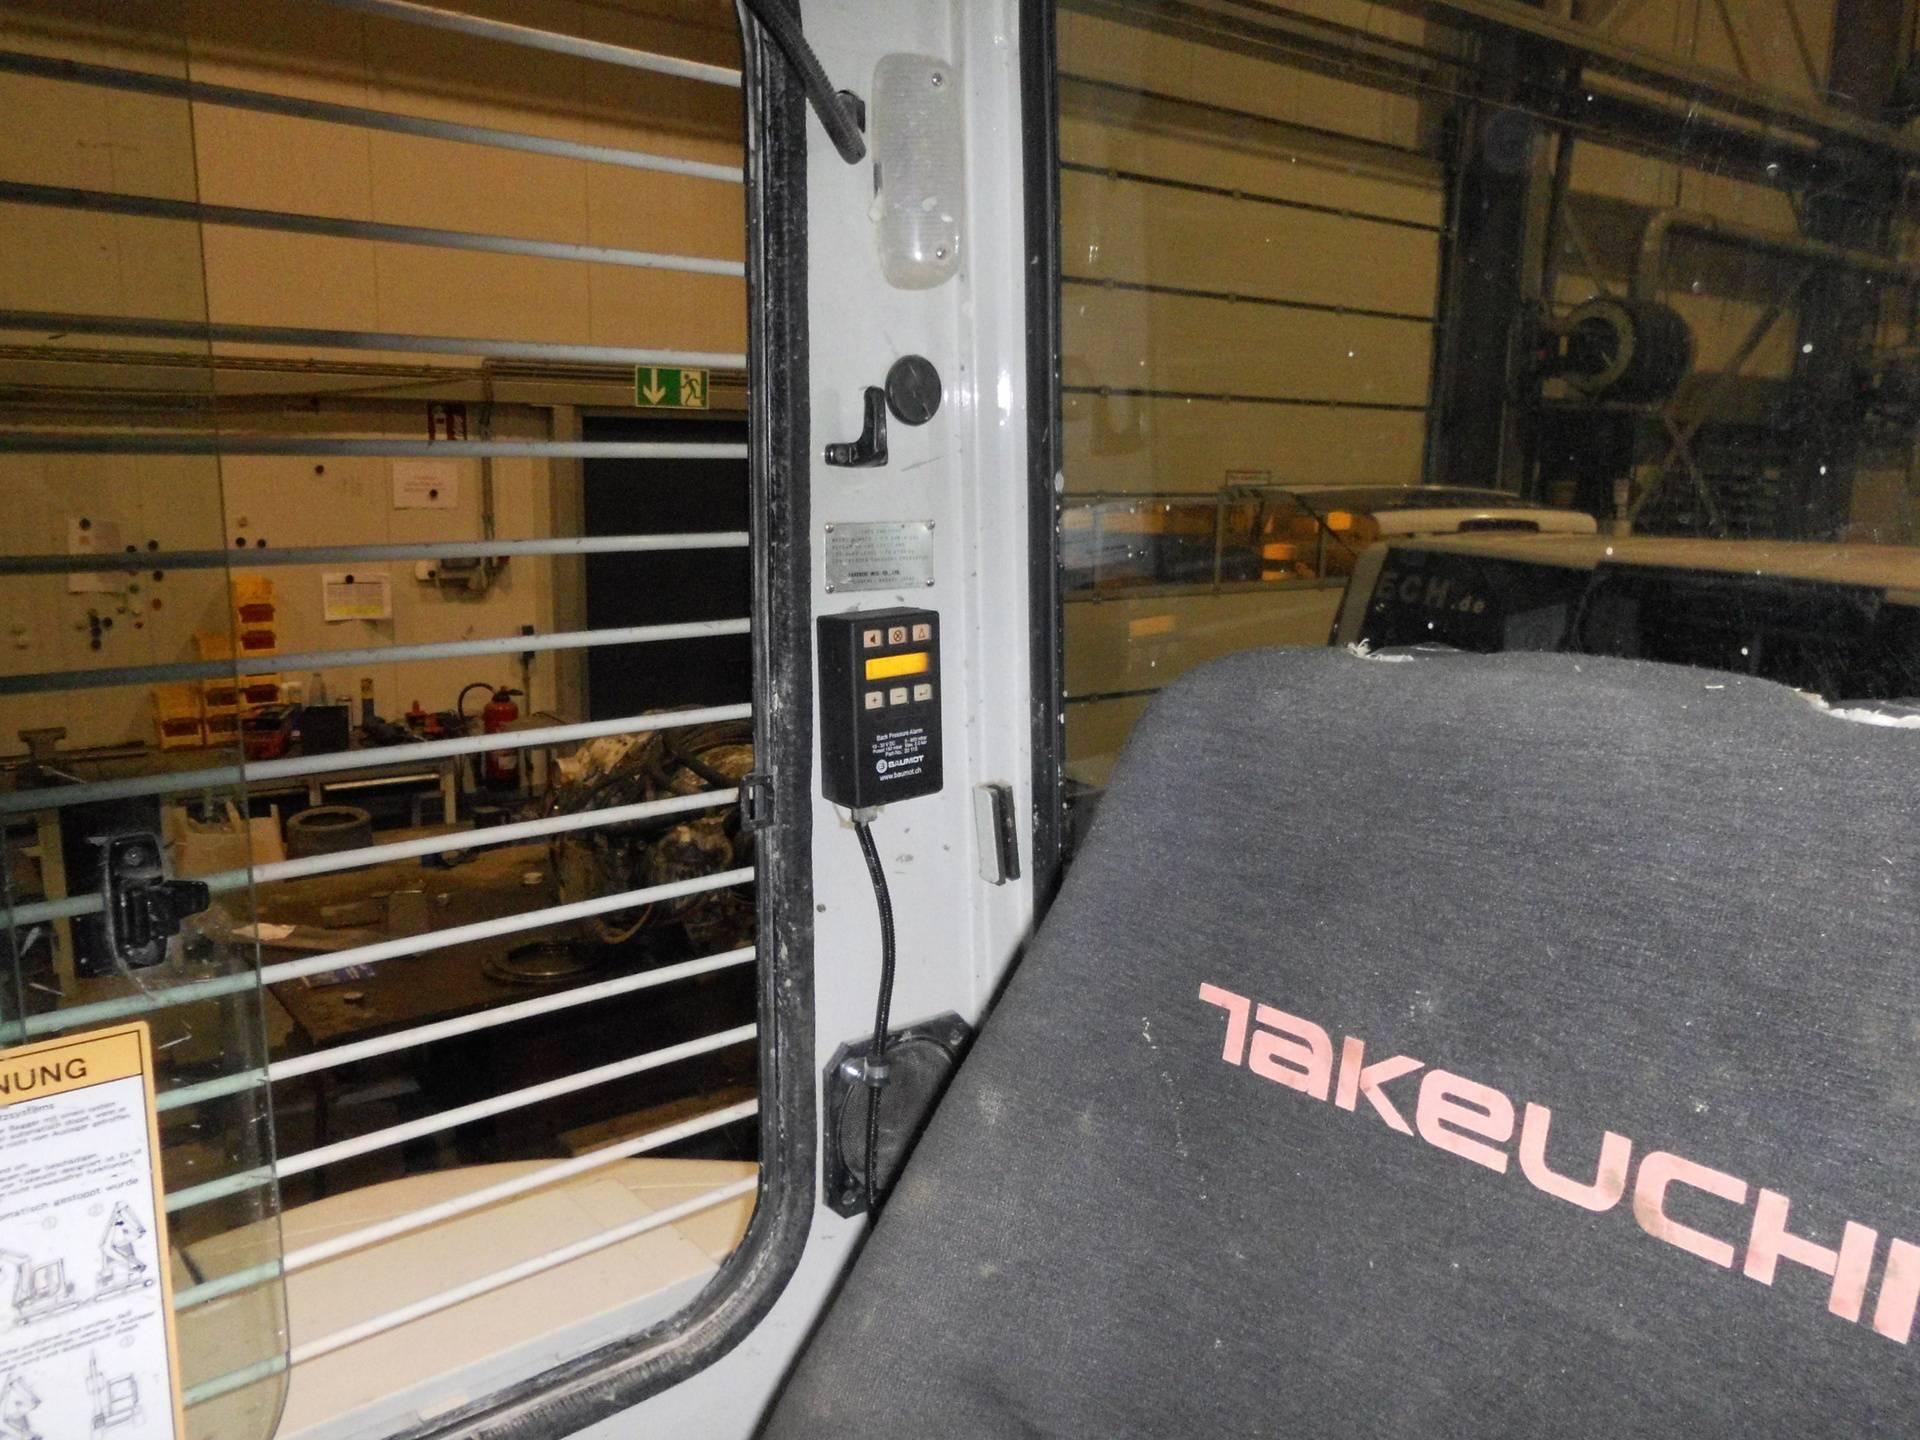 Takeushi TB153 F